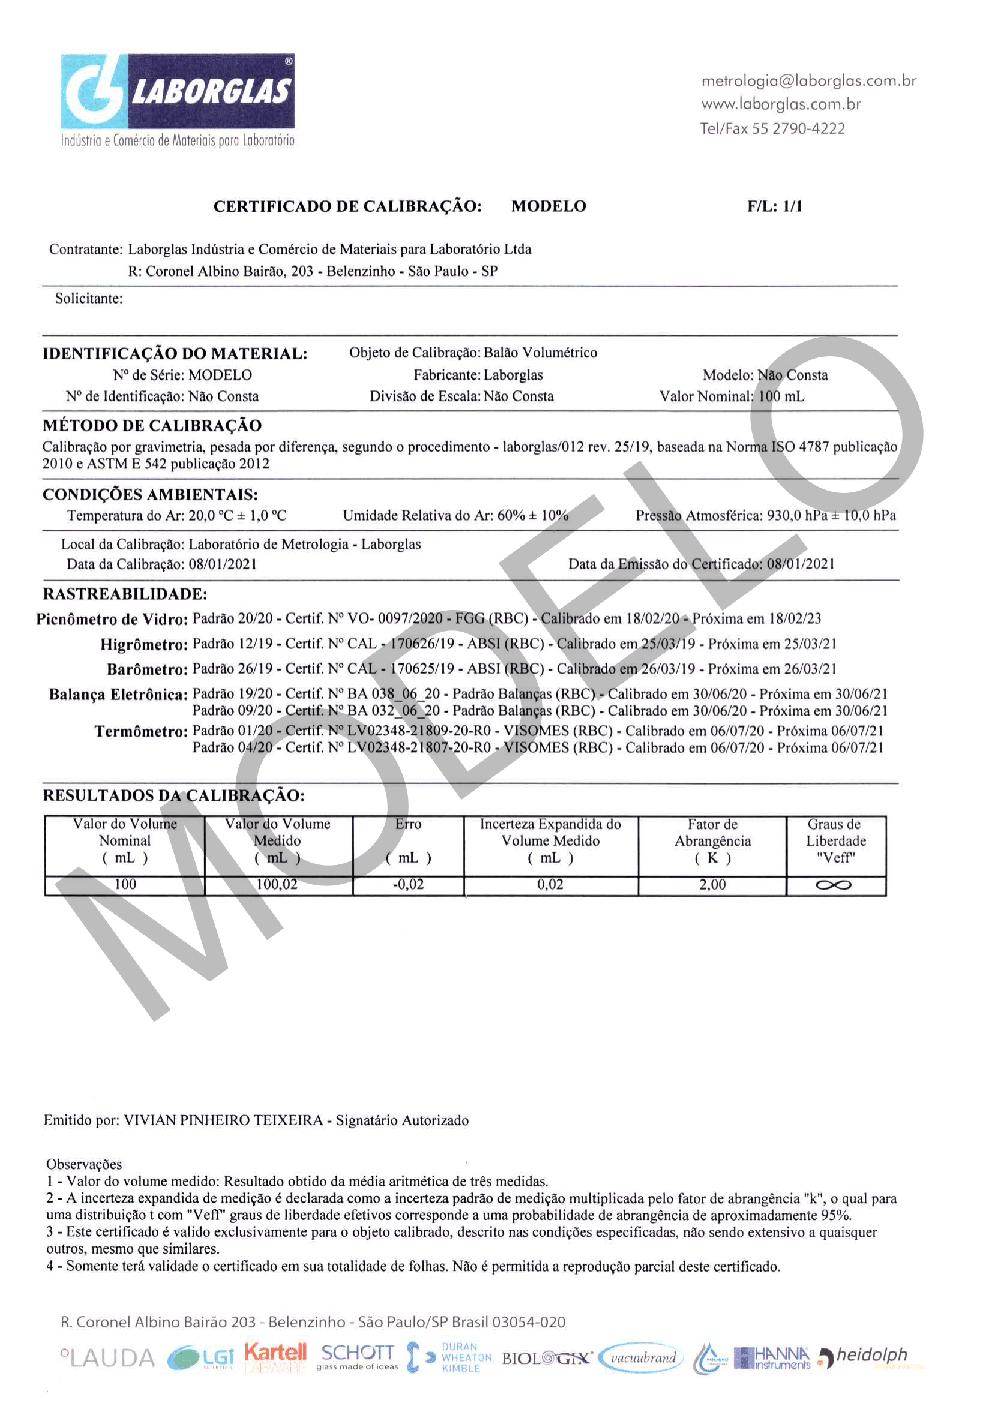 BALÃO VOLUMÉTRICO CLASSE A ROLHA POLI C/ CERTIFICADO RASTREÁVEL 25 ML - Marca Laborglas - Cód. 9167814-C